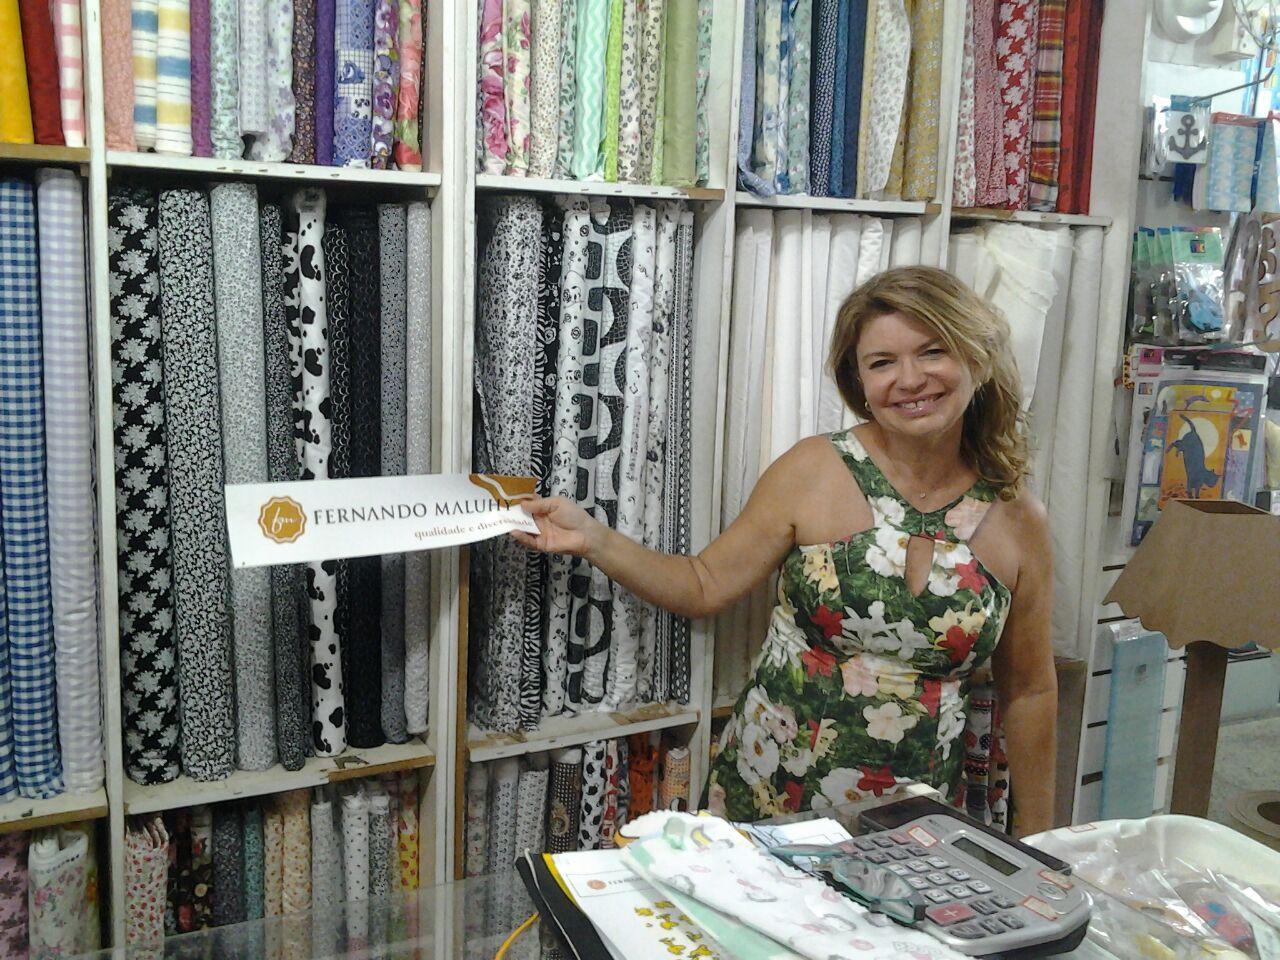 Ana Lucia, com o adesivo  Maluhy, a ser colocado na loja, Entrelinhas de Niterói